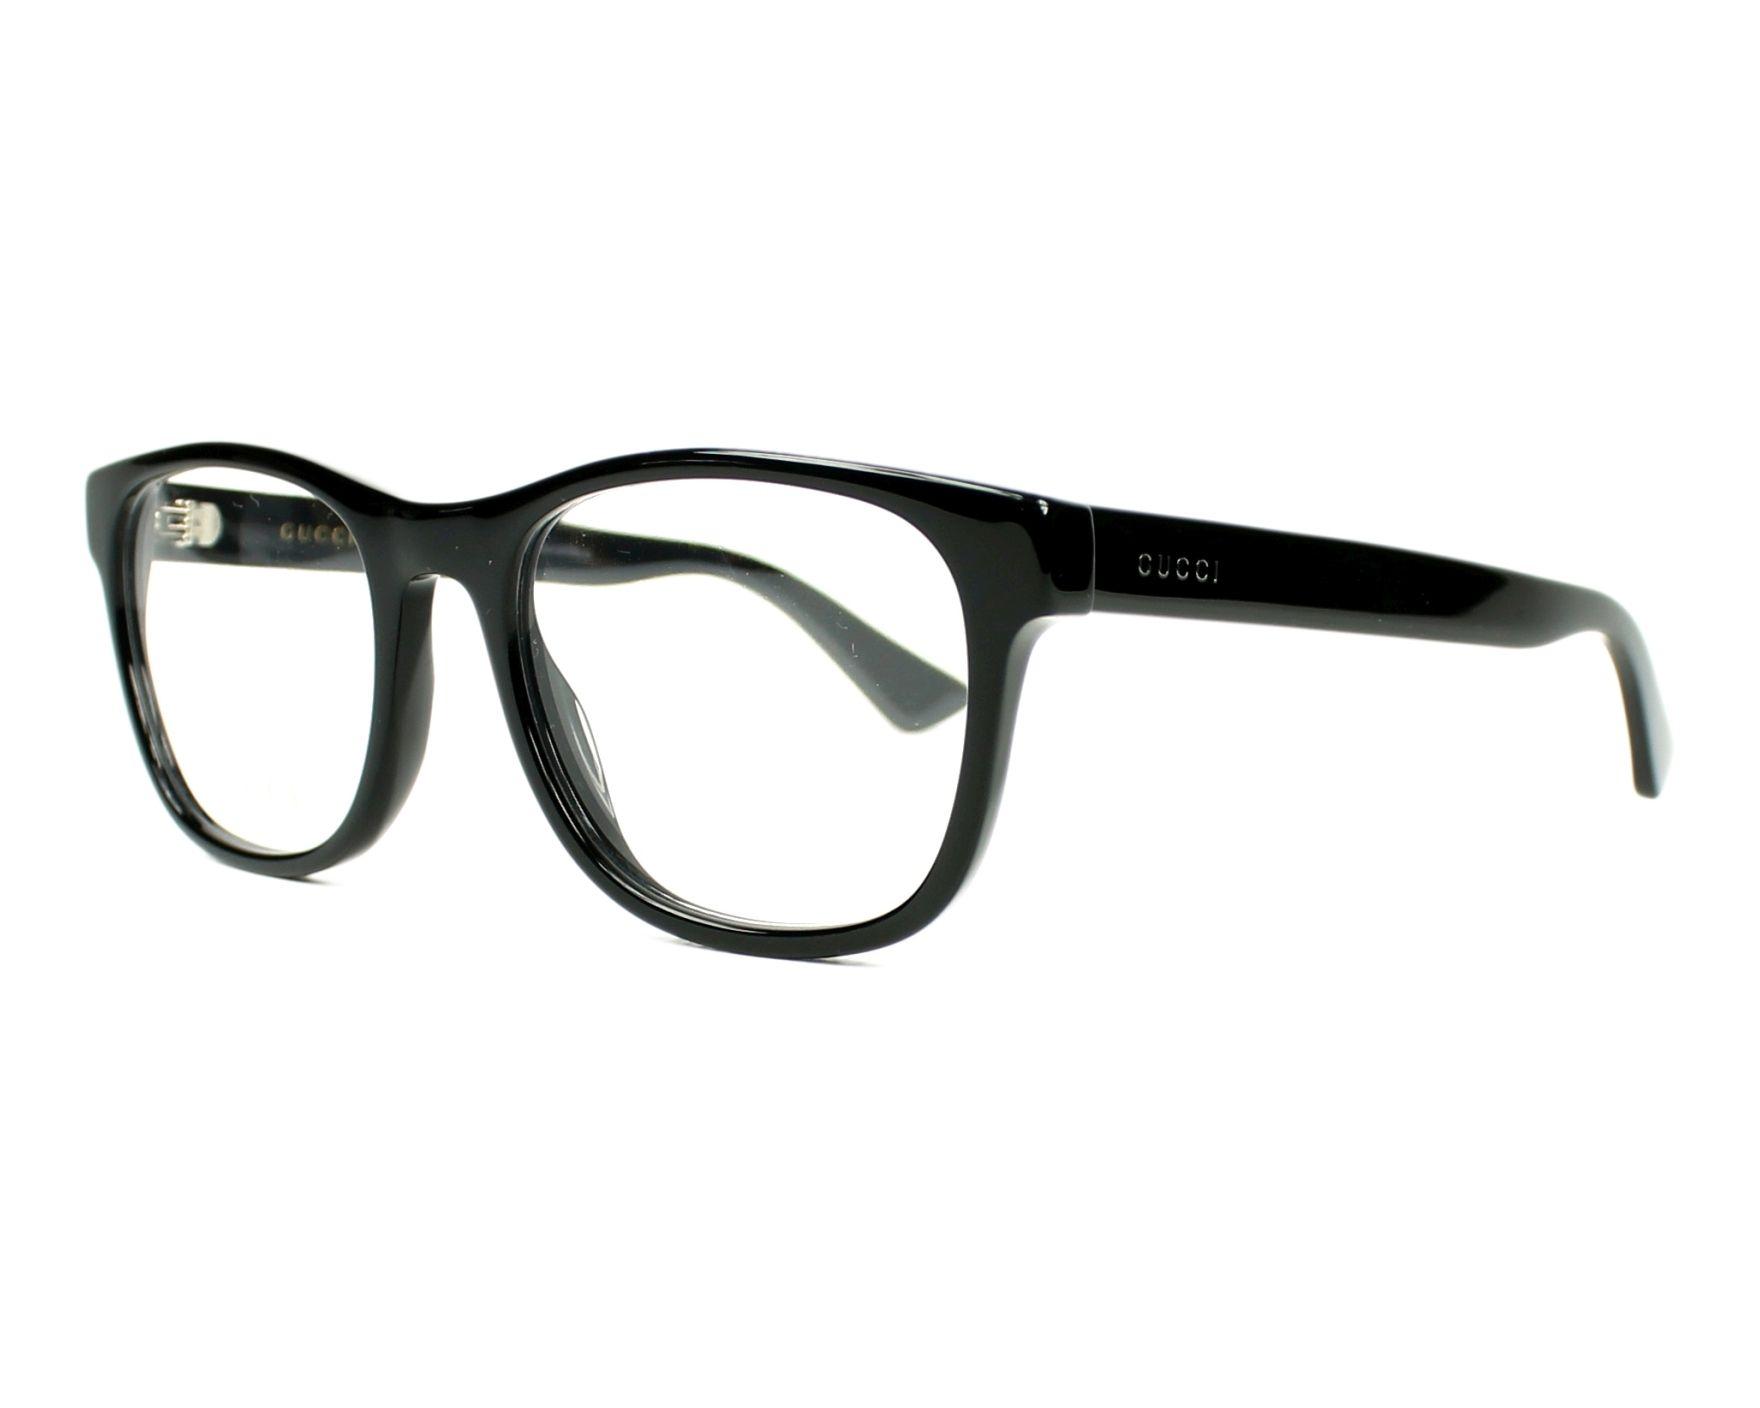 b631a34de9 eyeglasses Gucci GG-0004-O 001 53-19 Black profile view